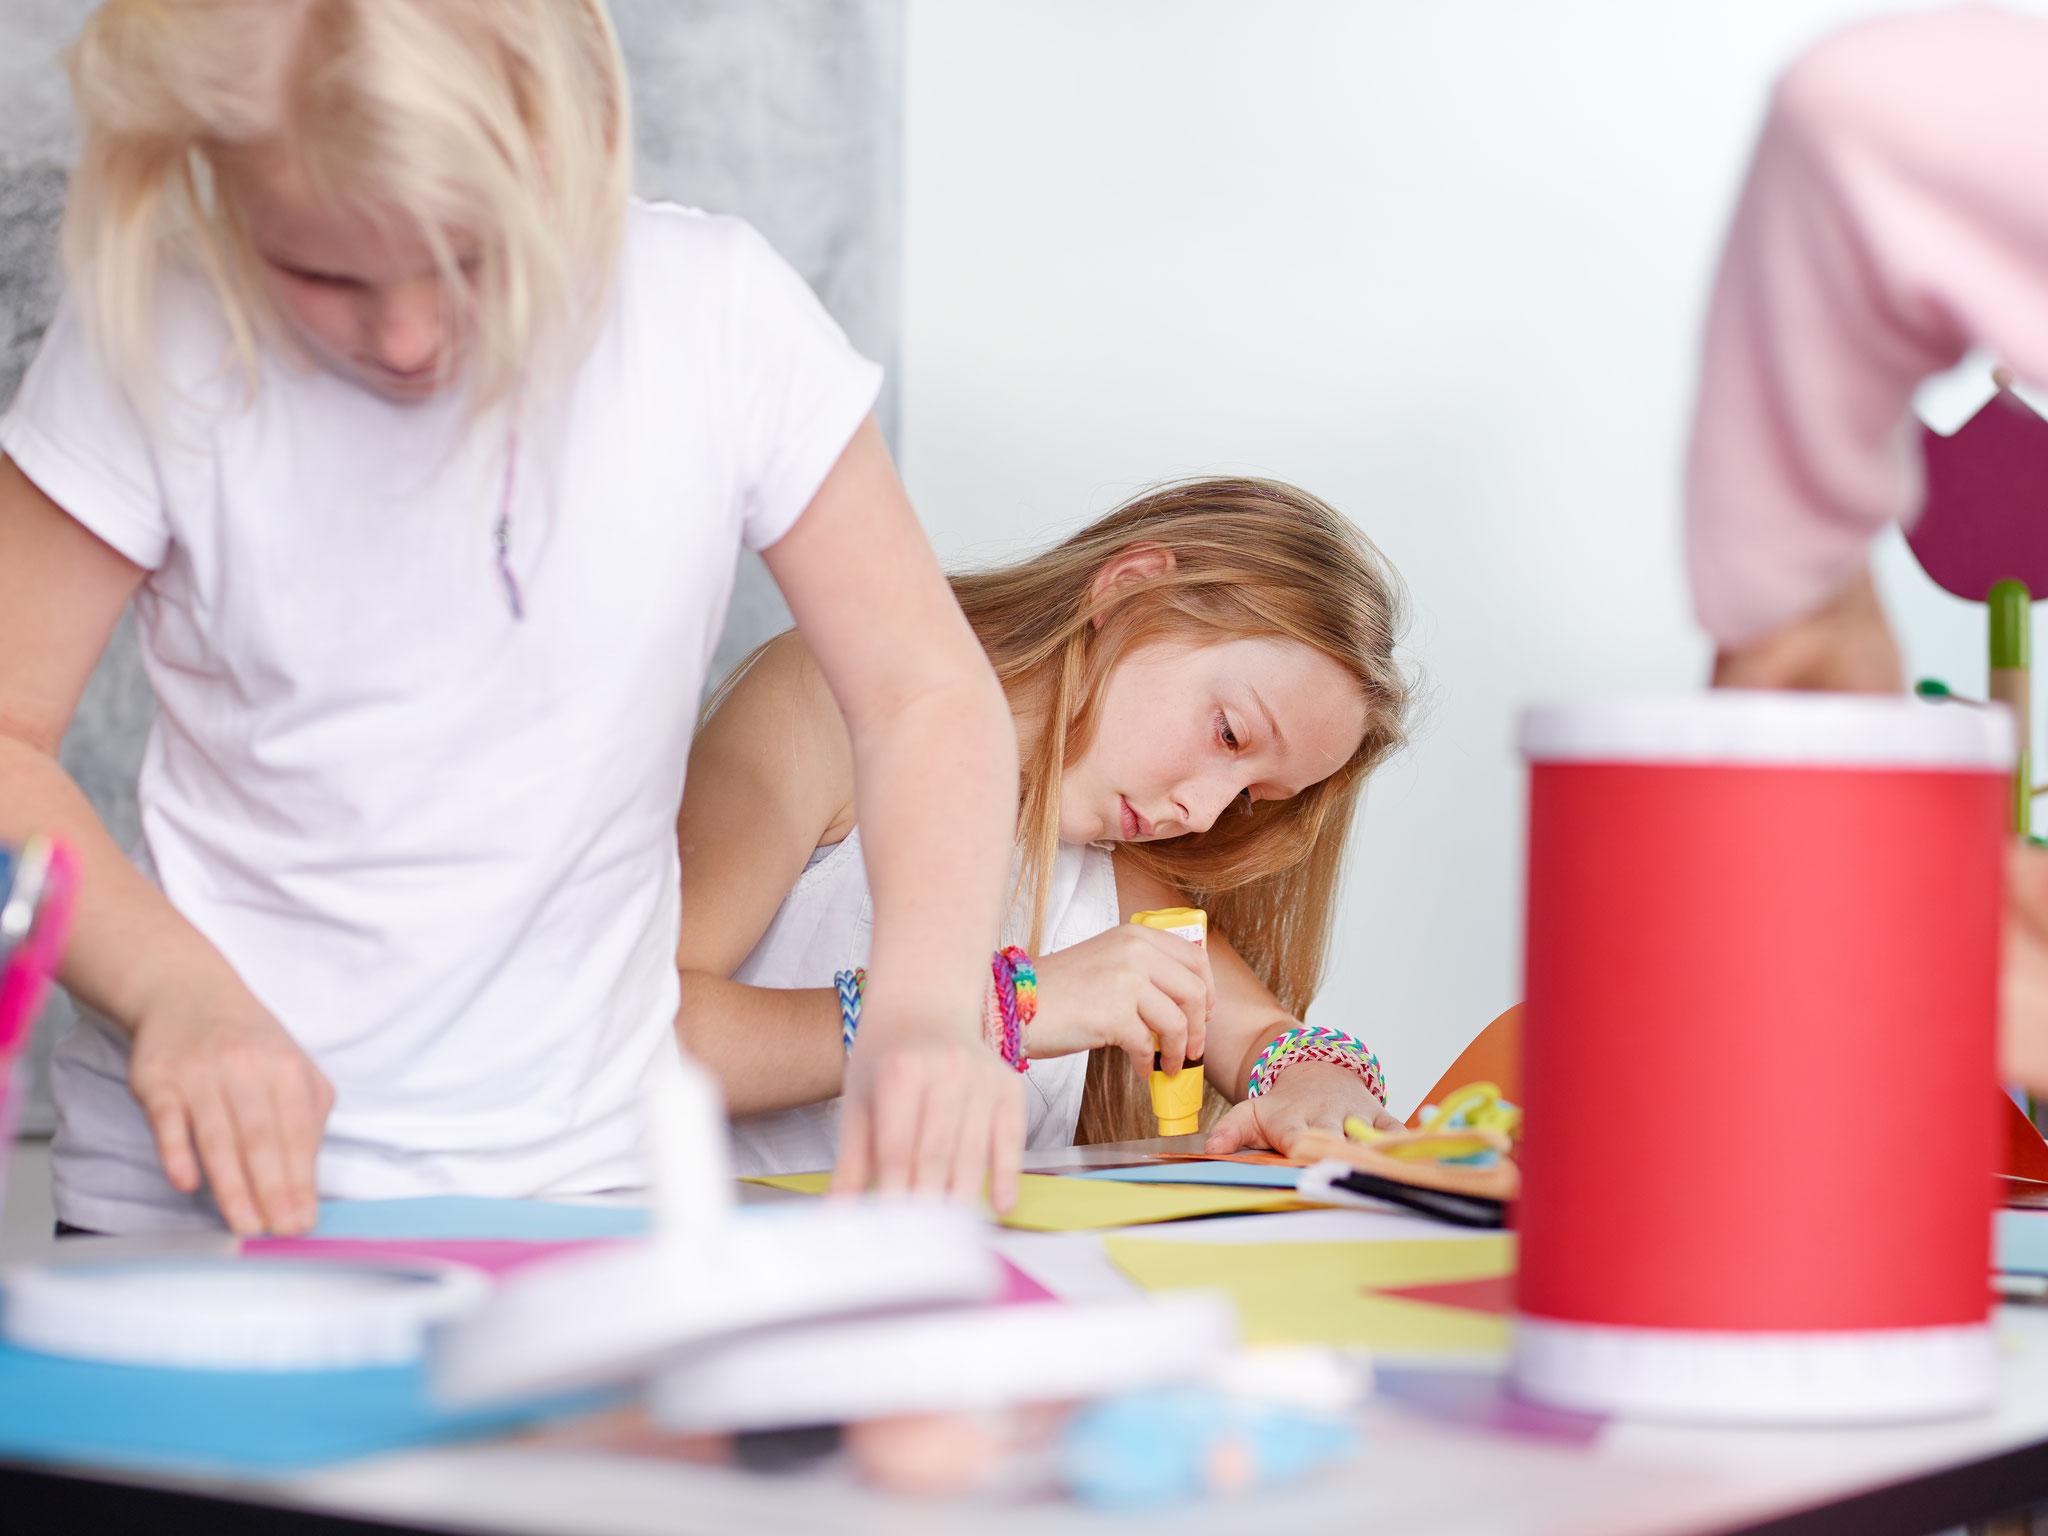 Tipp 5: Sa, 2.11., 10-13 Uhr: Bunter Familiensamstag mit Laternenbasteln im Haus Aufwind (Nossener Straße 87-89), © Karin & Uwe Annas, Adobe Stock